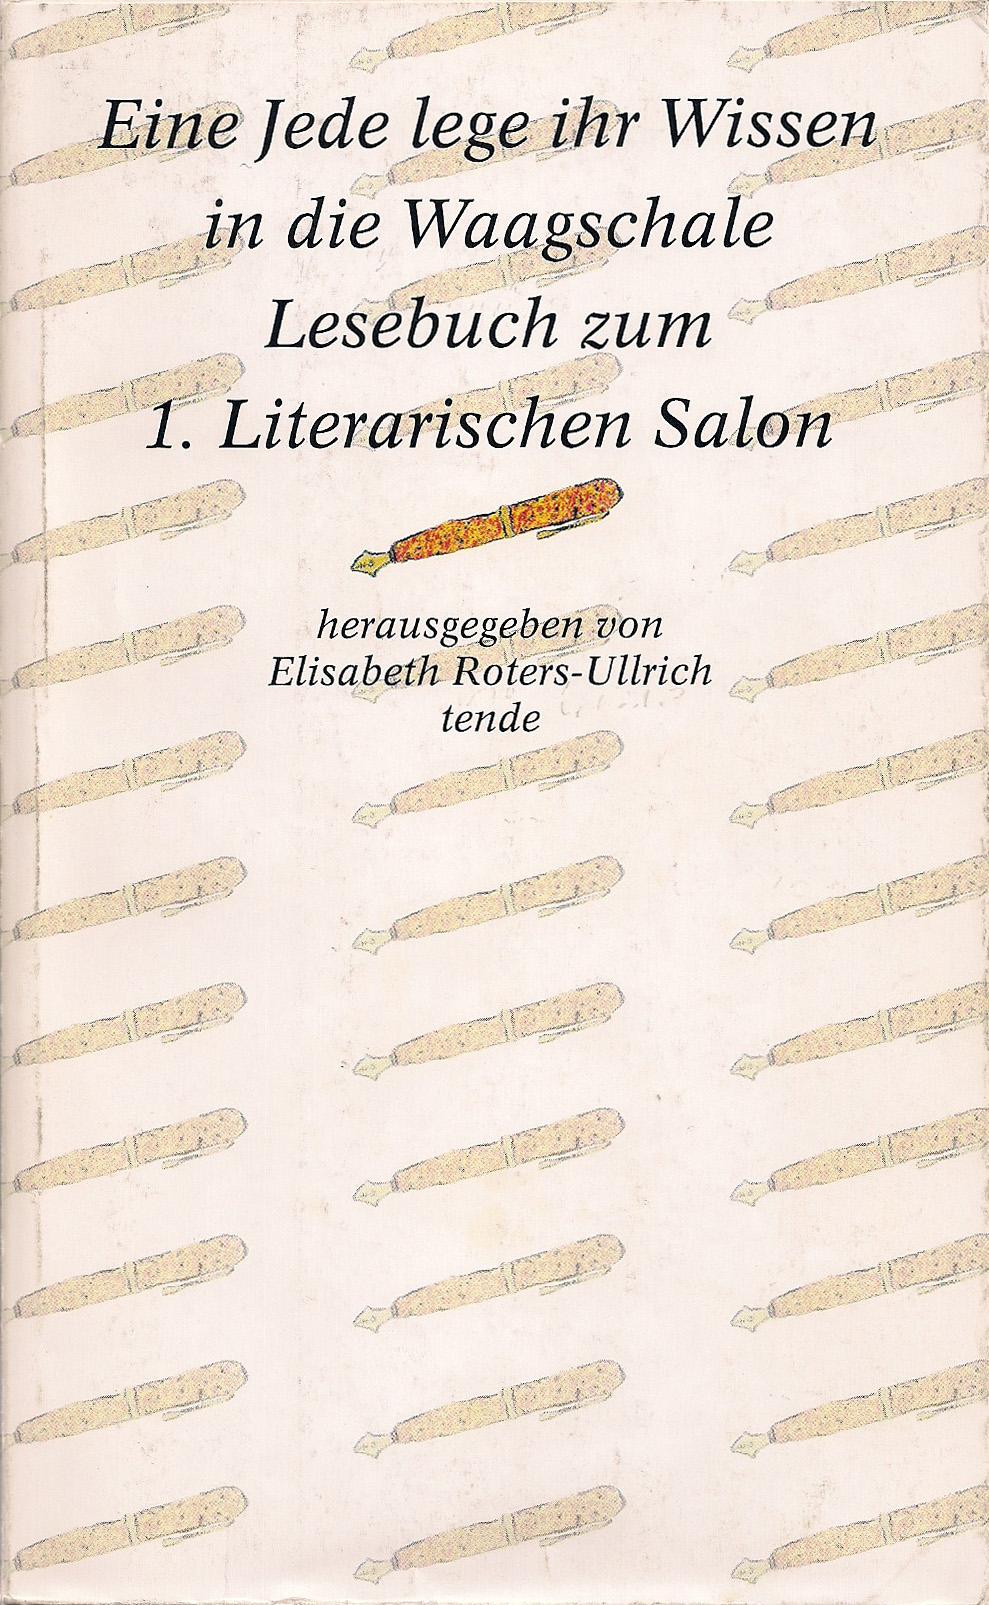 1._Literarischer_Salon.jpg